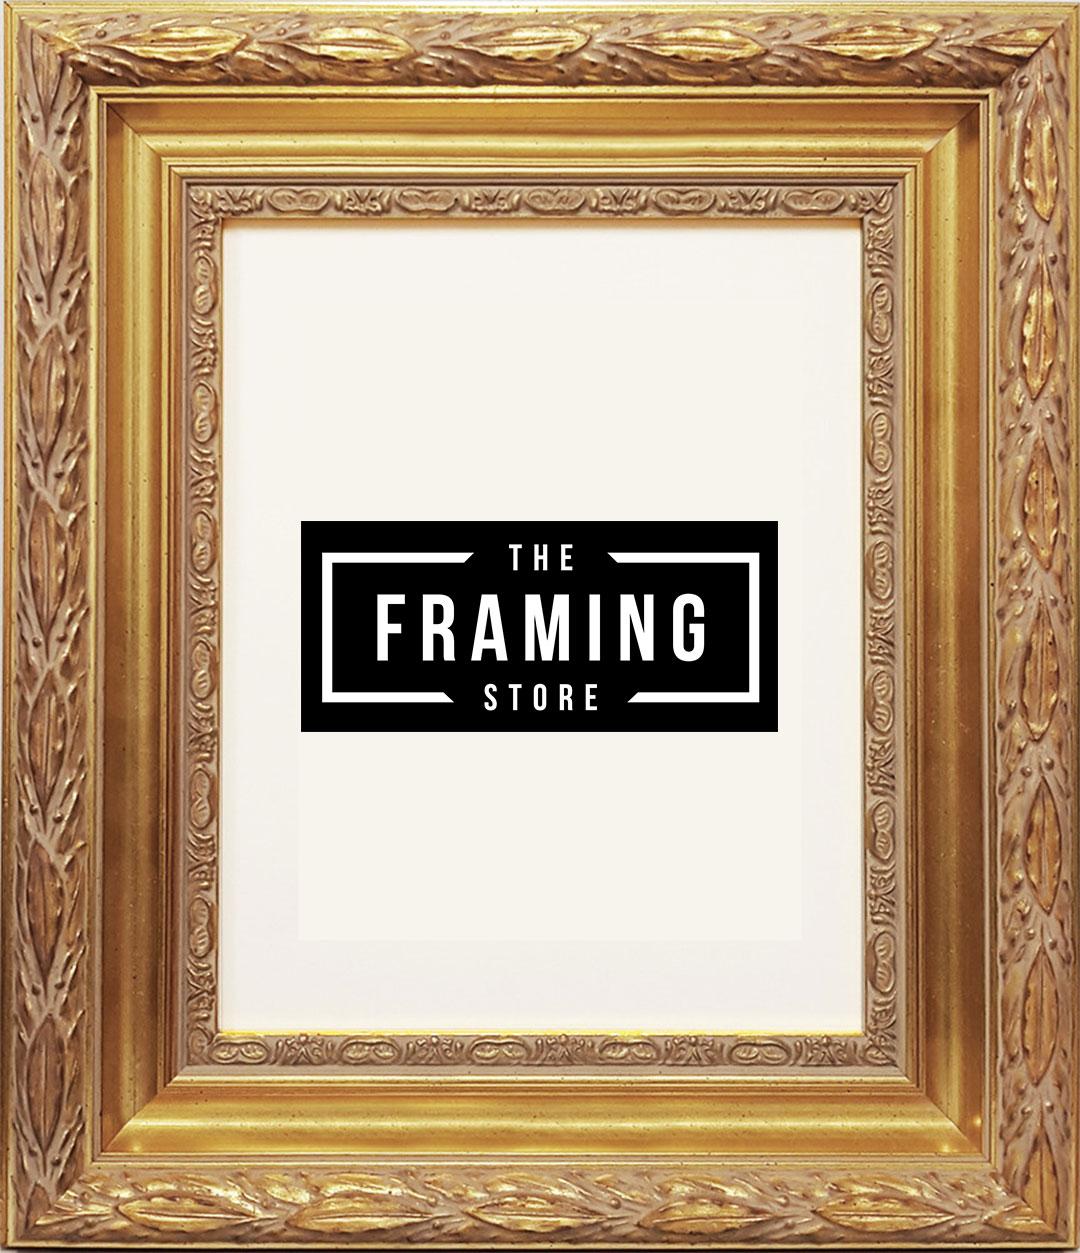 Australian made 8x10 Gold fancy frame (203mm x 254mm)